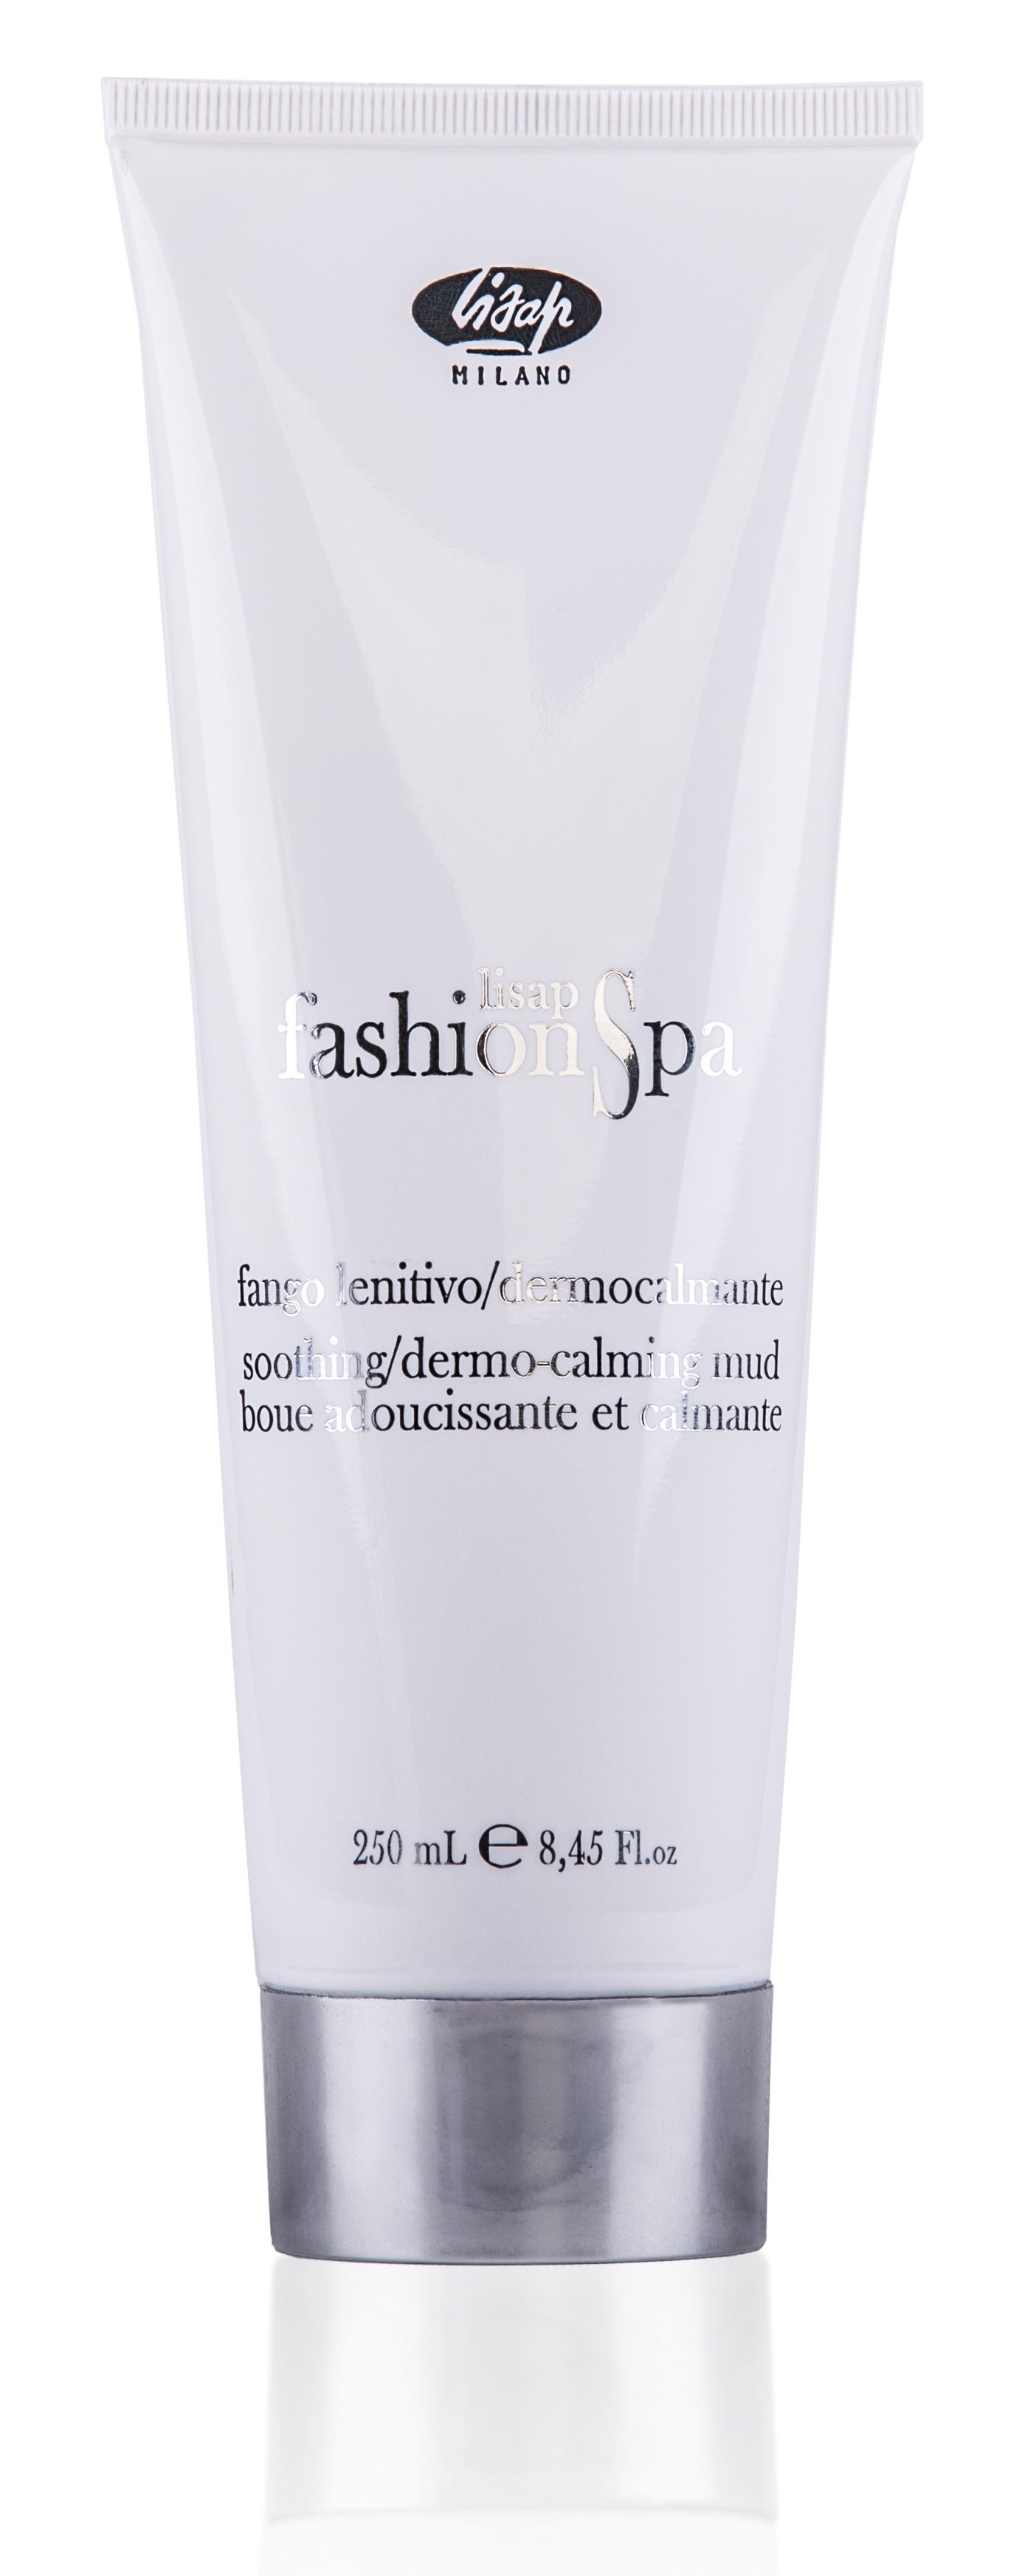 LISAP MILANO Маска грязевая смягчающая и успокаивающая для кожи головы / FASHION SPA 250млМаски<br>Сделана на основе белой глины и растительных глицеринов, которые мягко очищают и увлажняют кожу головы. Входящие в состав смесь чистых эфирных масел (розмарина, эвкалипта и шалфея), альфабисаболол и экстракт зантоксилума, снимают раздражение и обладают сильным коже-успокаивающим действием. Идеальное средство по уходу за чувствительной, проблемной, воспалённой или раздражённой кожей головы. Активные ингредиенты: белая глина, растительные глицерины, эфирные масла розмарина, эвкалипта, шалфея, альфабисаболол, экстракт зантоксилума. Способ применения: массажными движениями нанести на влажные волосы и кожу головы. Для равномерного распределения добавить немного теплой воды, мягко массируя, распределить его по всей длине волос. Выдержать 10 мин, поддерживая влажное тепло. Затем тщательно смыть. Убрать лишнюю влагу полотенцем.<br>